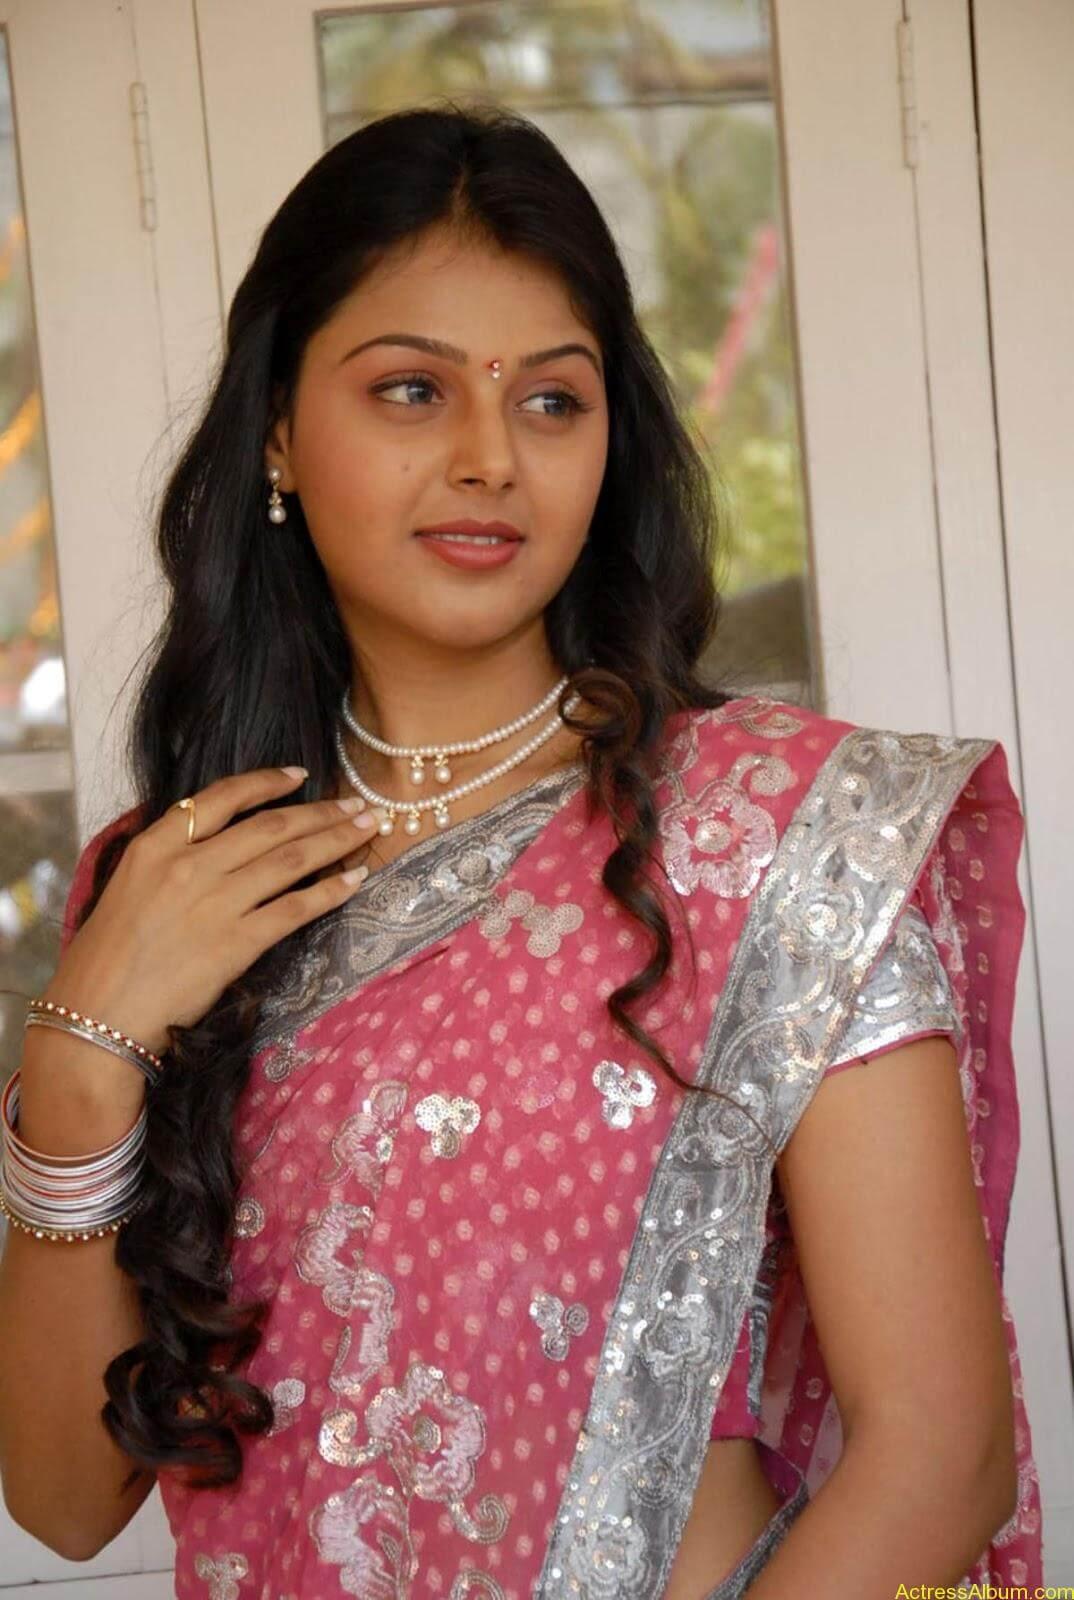 Monal gajjar Hot Saree Stills (5)